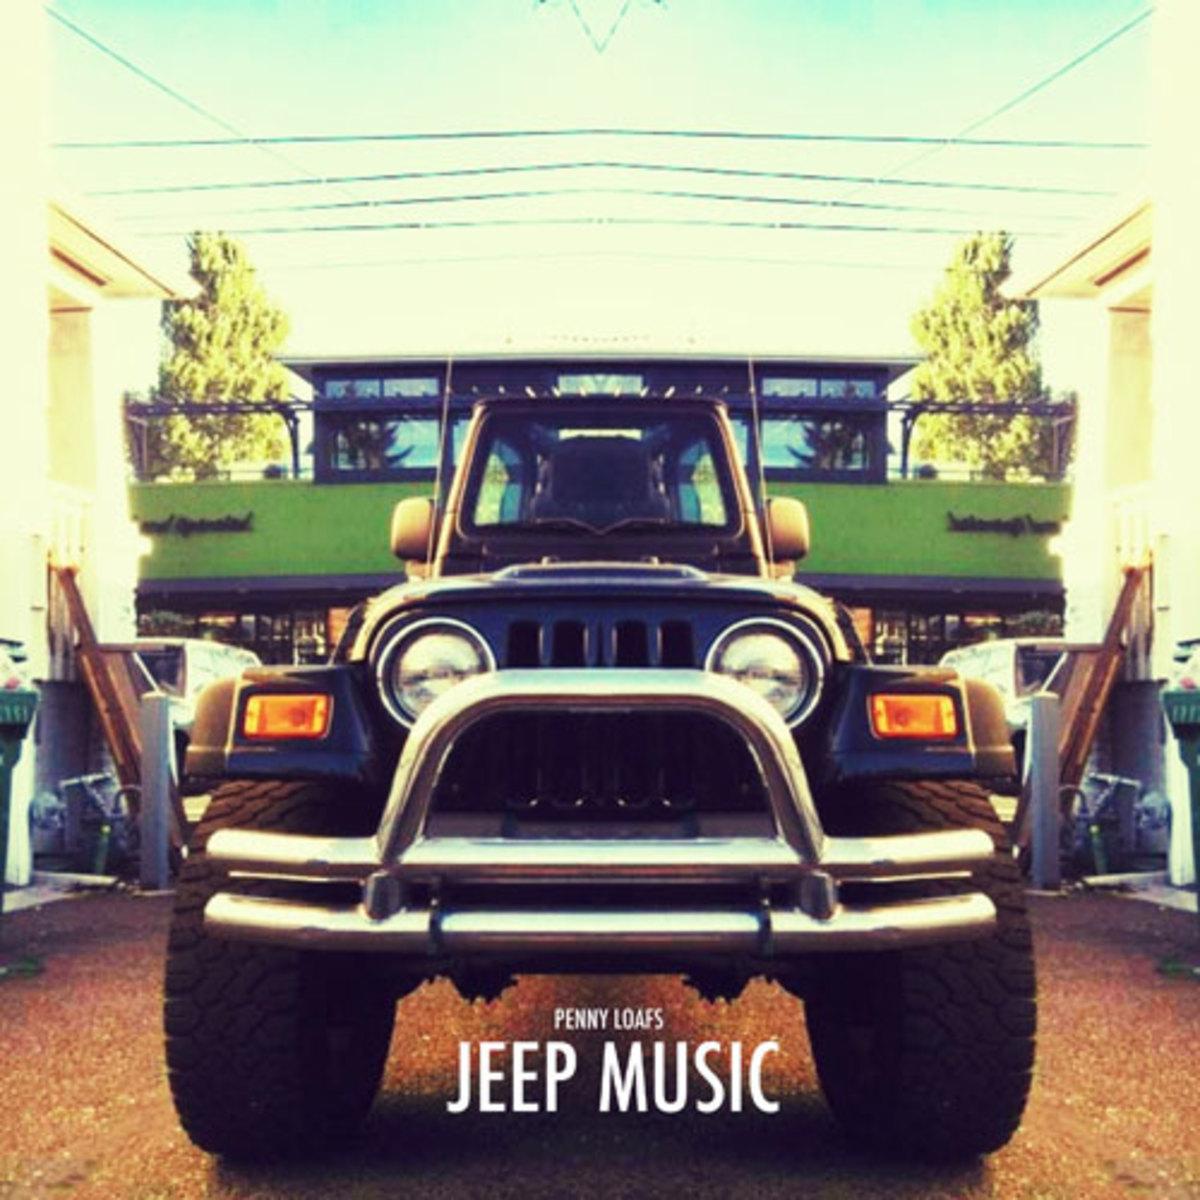 pennyloafs-jeepmusic.jpg